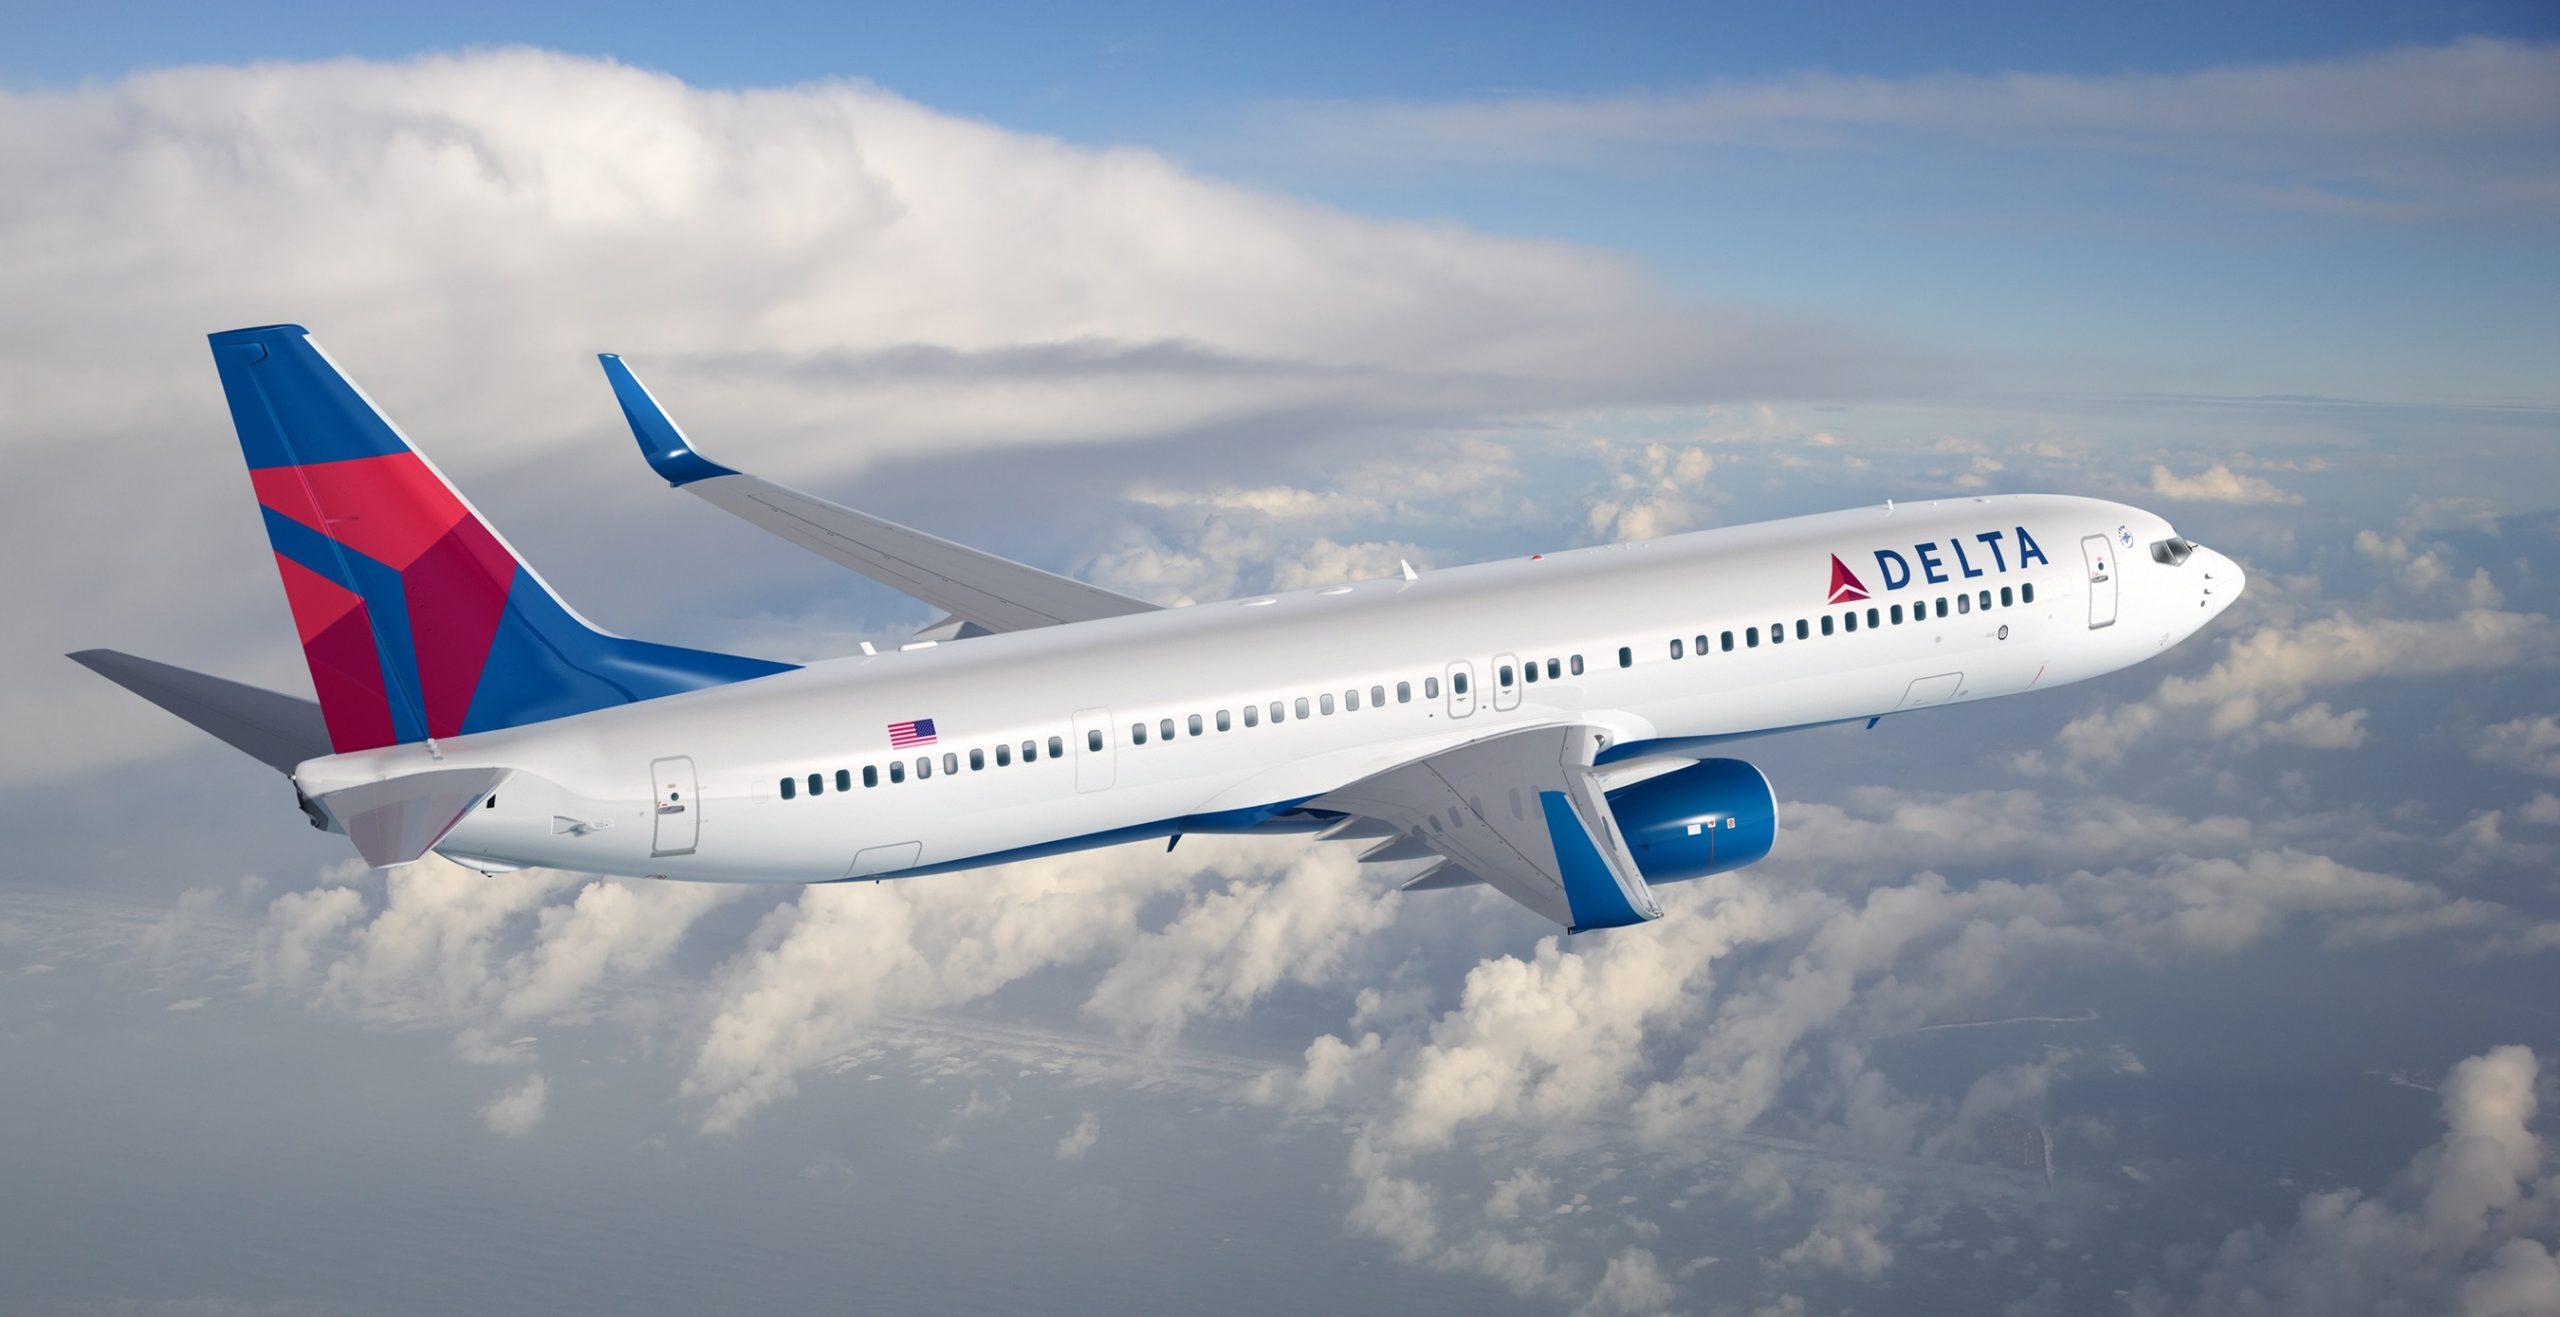 سهام دلتا کرونا scaled - رشد سهام کمپانی دلتا ایرلاینز (DAL) در پی افزایش تقاضا برای سفرهای داخلی در ایالات متحده